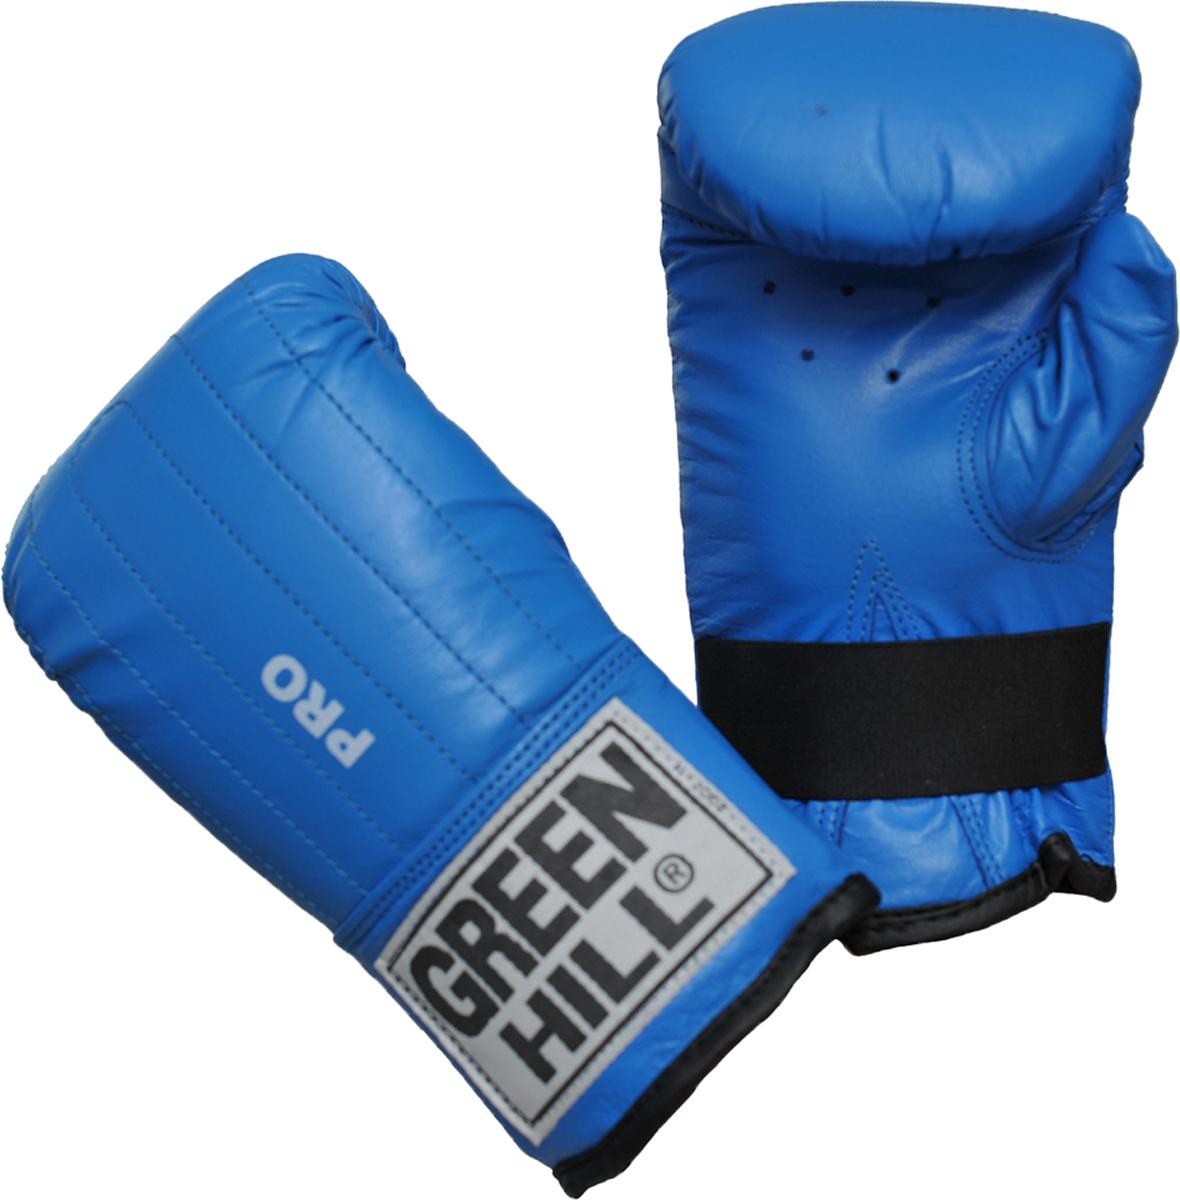 Перчатки снарядные Green Hill Pro, цвет: синий. PMP-2064. Размер SPMP-2064Снарядные перчатки-блинчики Green Hill Pro предназначены для отработки ударов по мешкам и лапам, а также для легких спаррингов. Шингарты обеспечивают комфортное использование в любых направлениях: отработка ударов в зале, дома, или фитнес-центре, легкие спарринги. Перчатки выполнены из натуральной кожи с мягким наполнителем внутри. Манжет не резинке позволяет быстро снимать и одевать перчатки, плотно фиксирует их на руке.